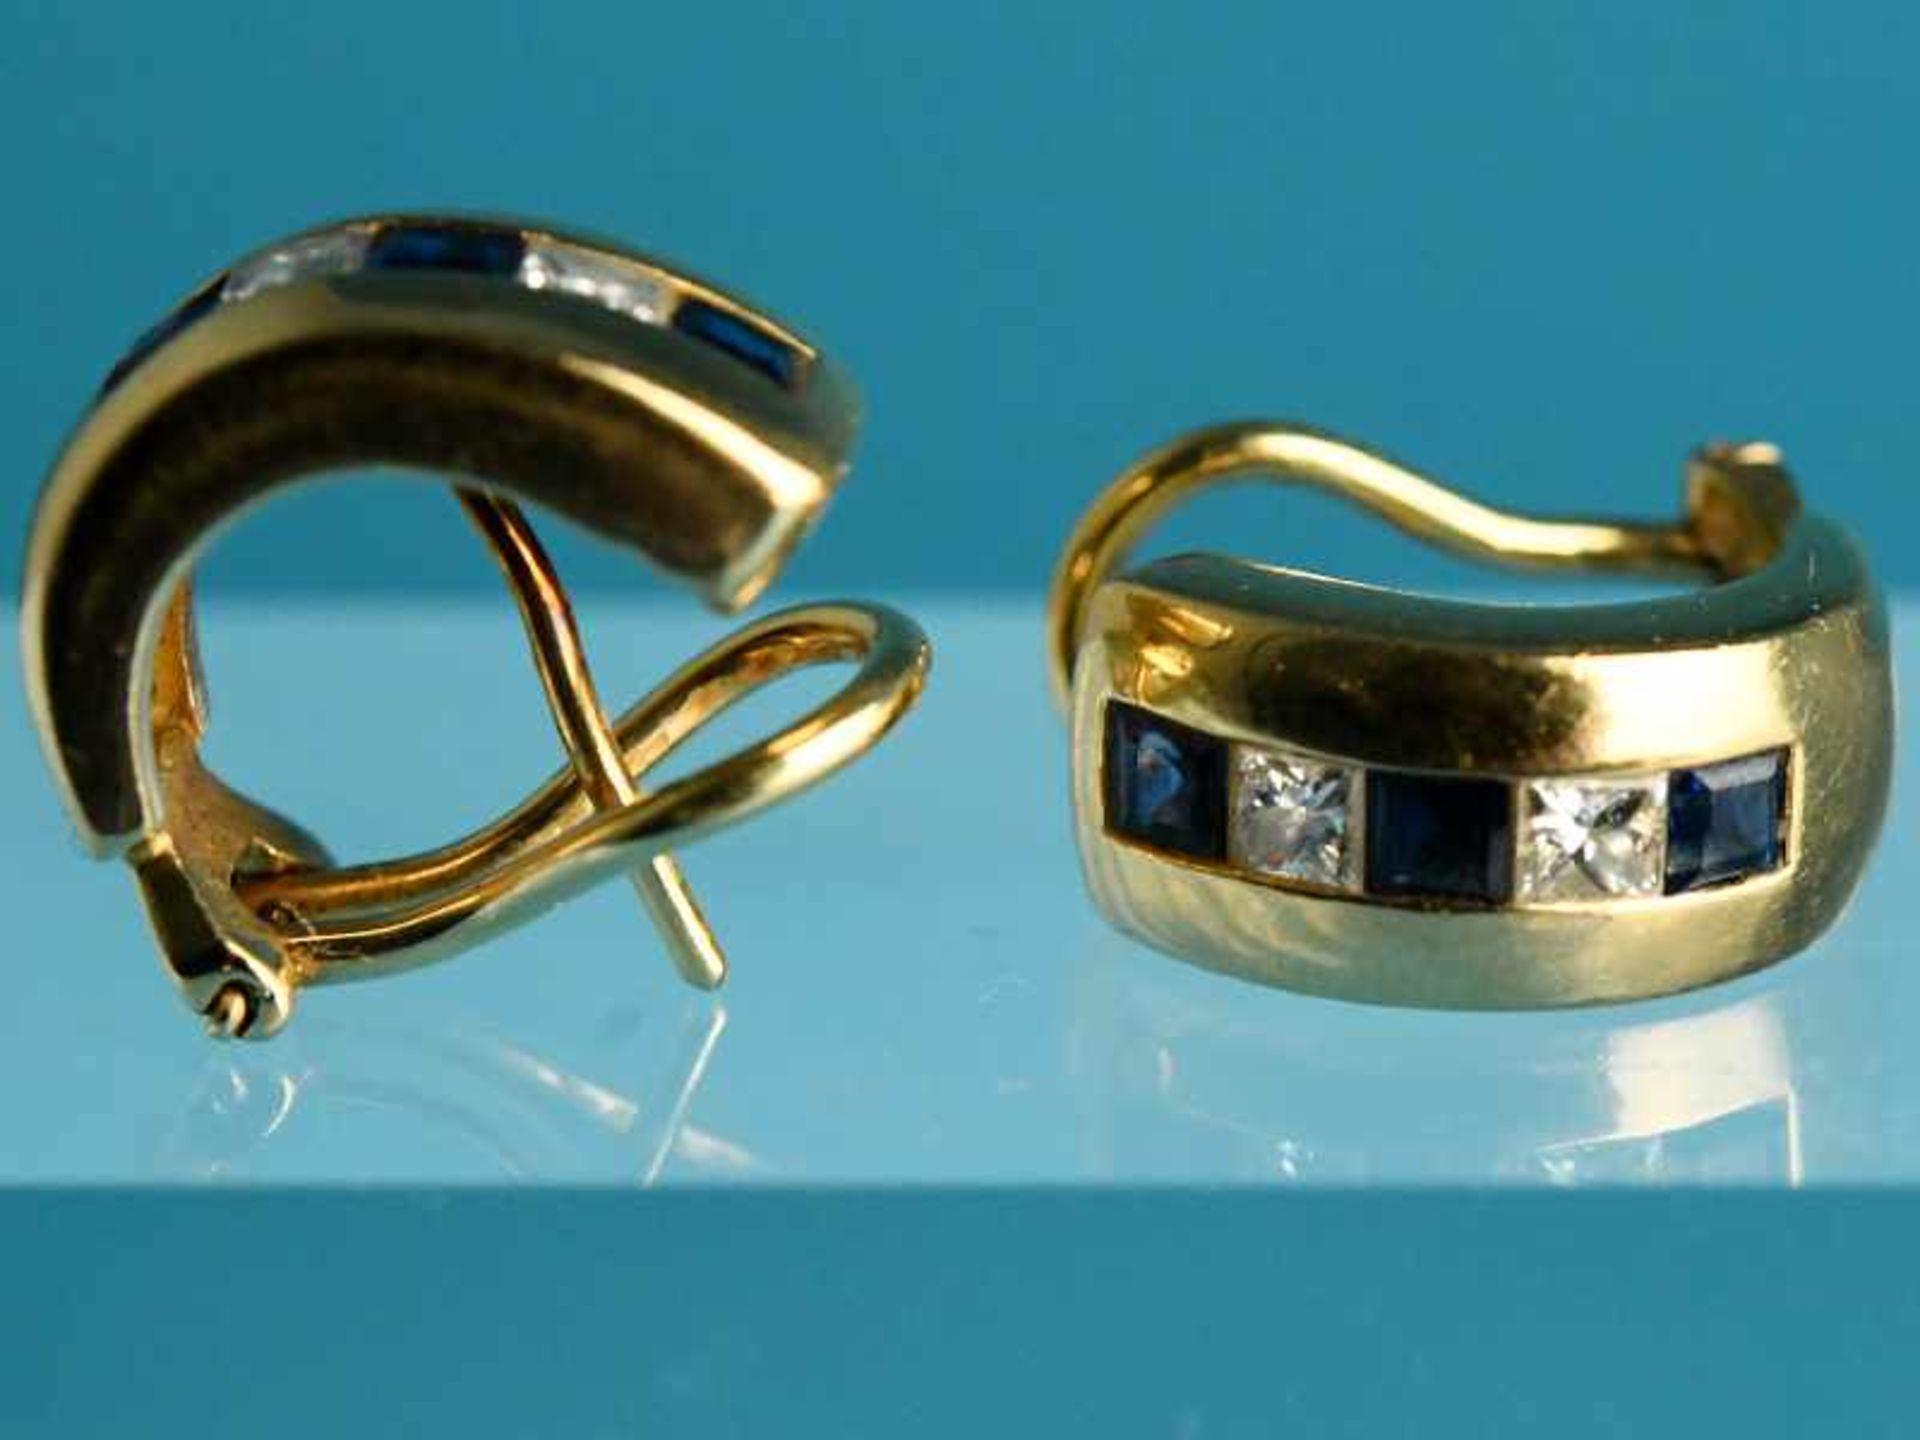 Paar Ohrclips mit jeweils 3 Saphir- und 2 Diamant-Carres, zusammen ca. 0,2 ct Goldschmiedearbeit,